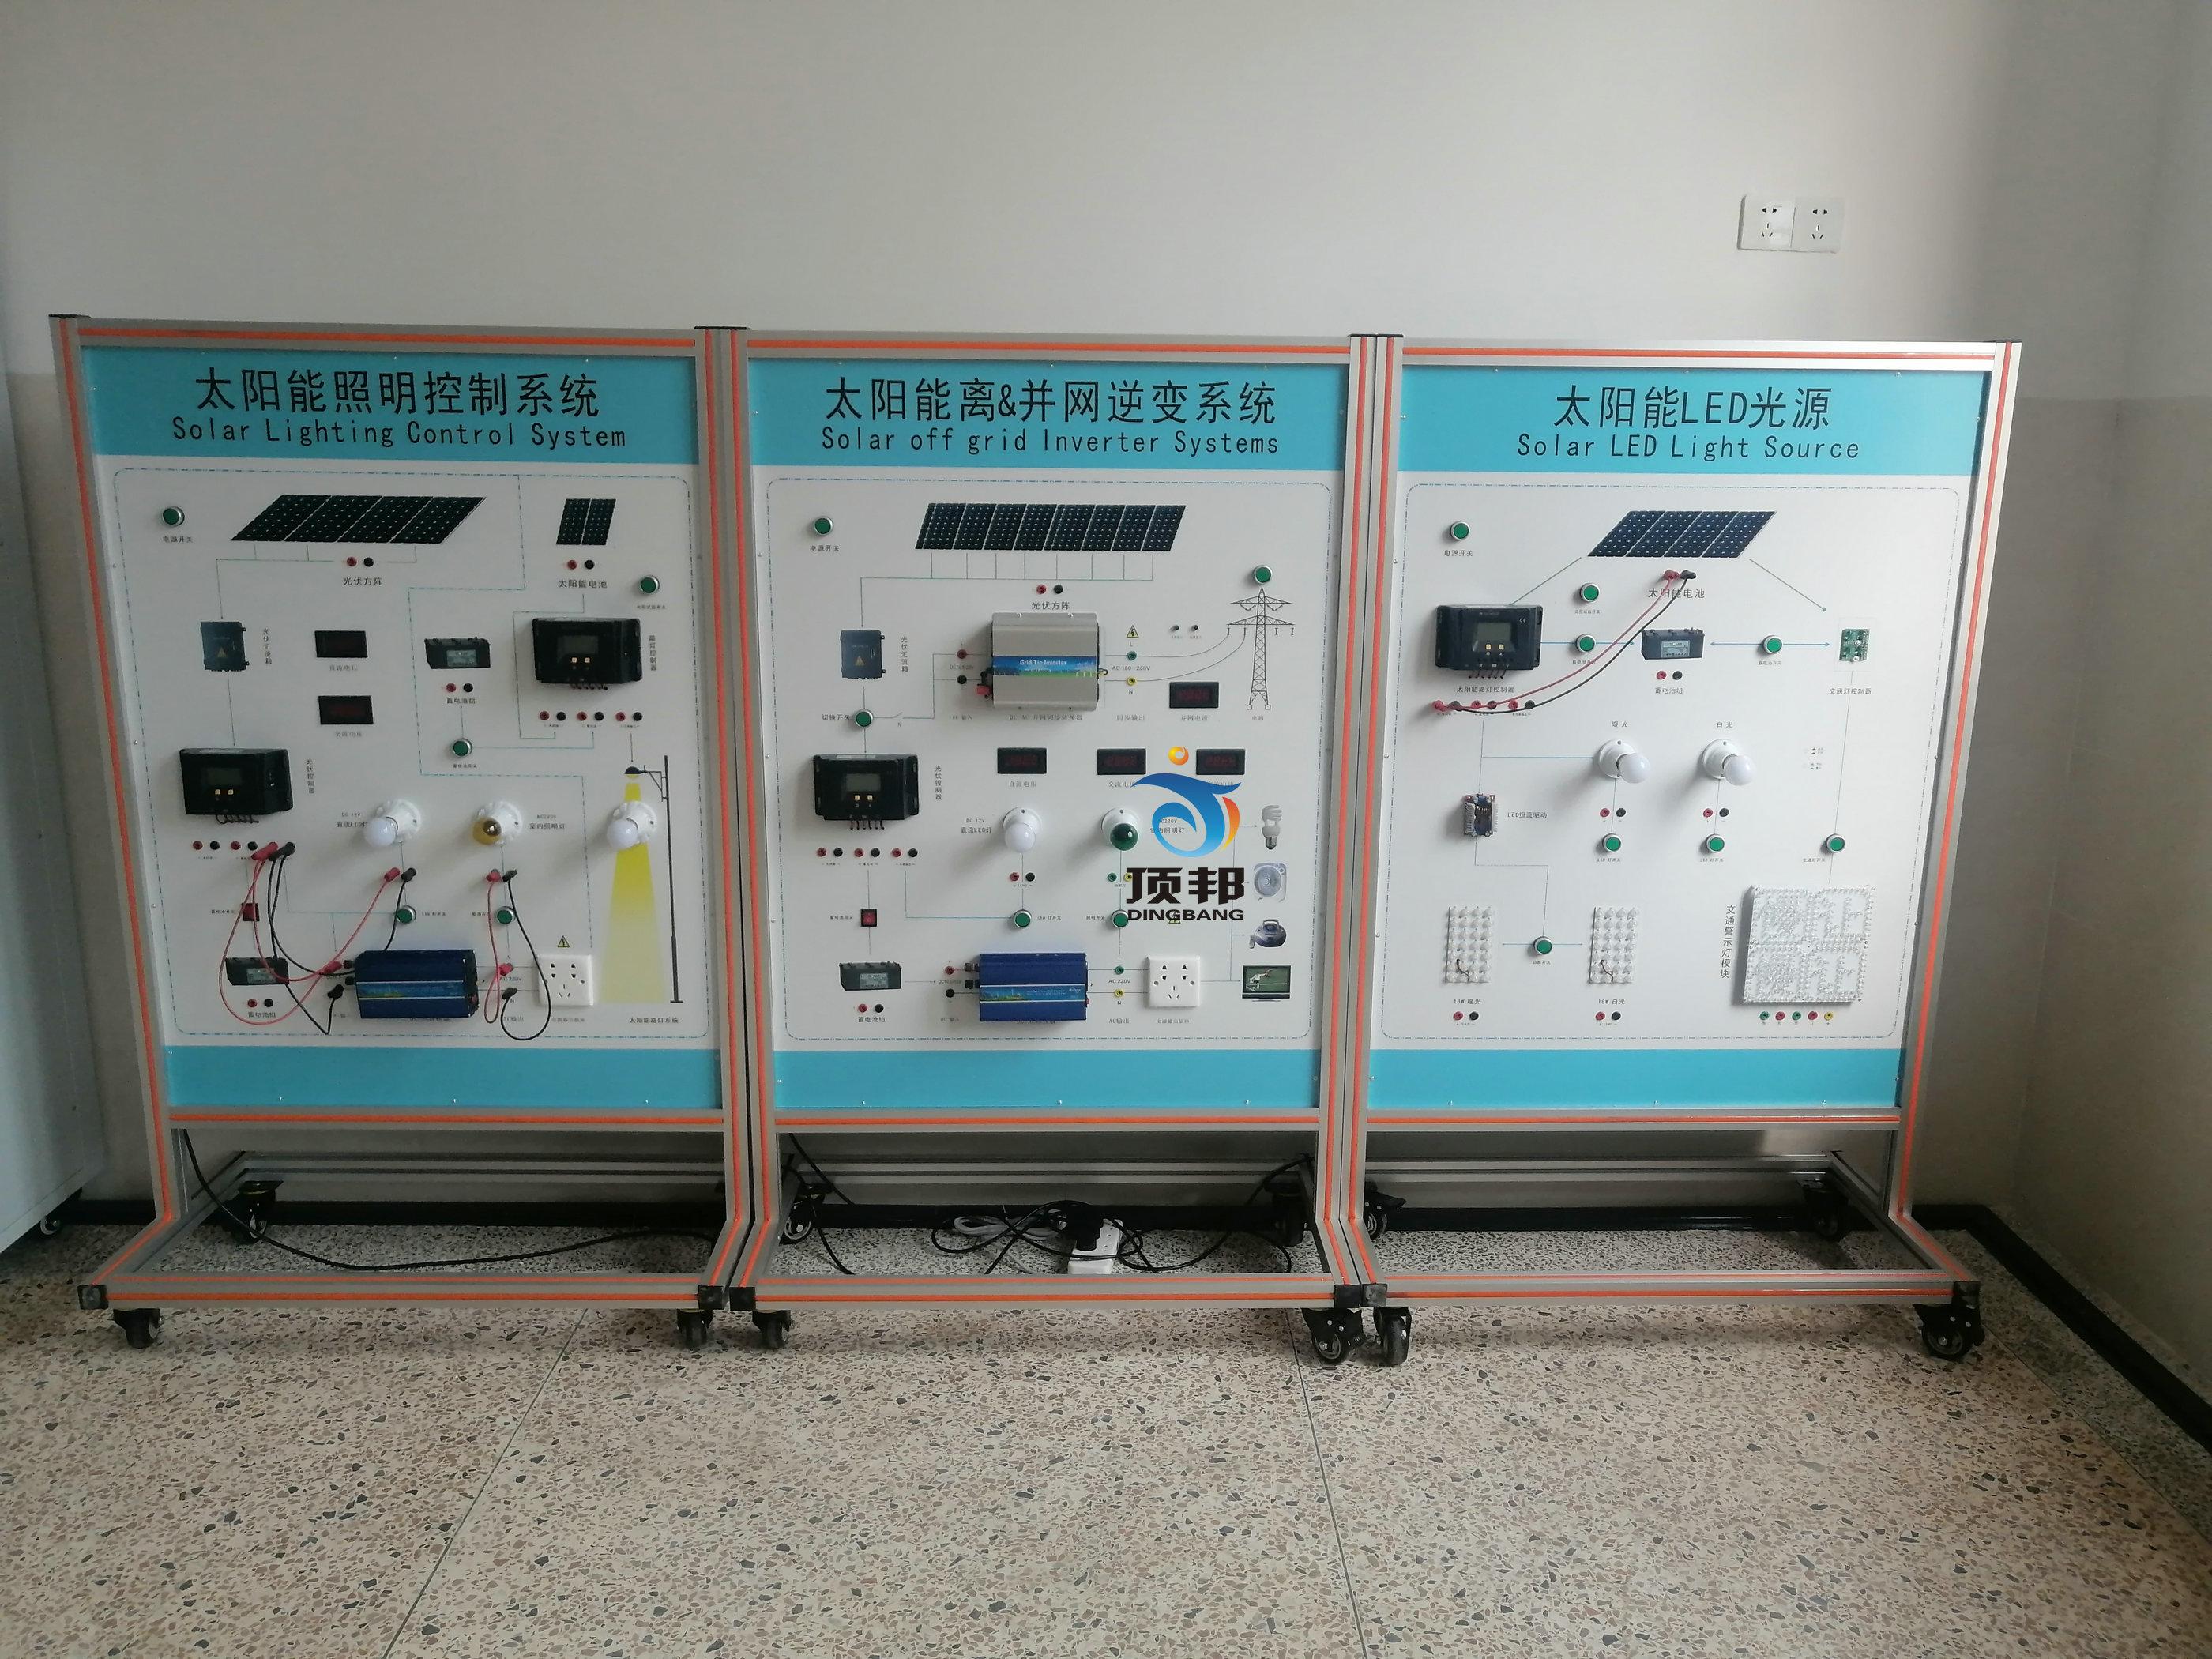 光伏发电系统集成教学实验台